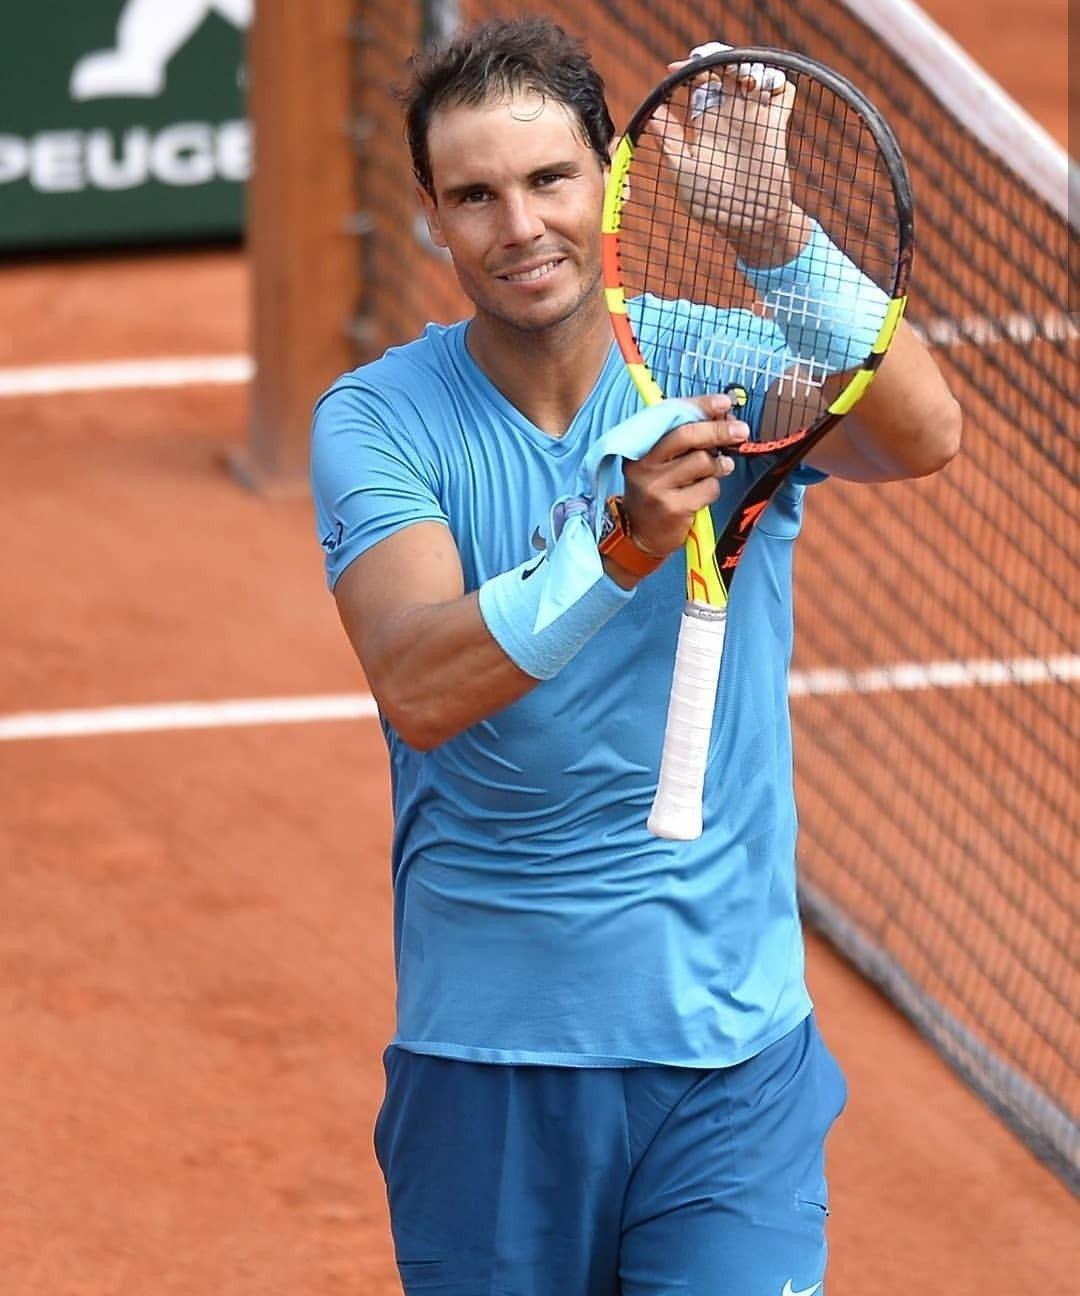 Rafa Nadal Roland Garros 2018 Nadal Tennis Rafa Nadal Play Golf